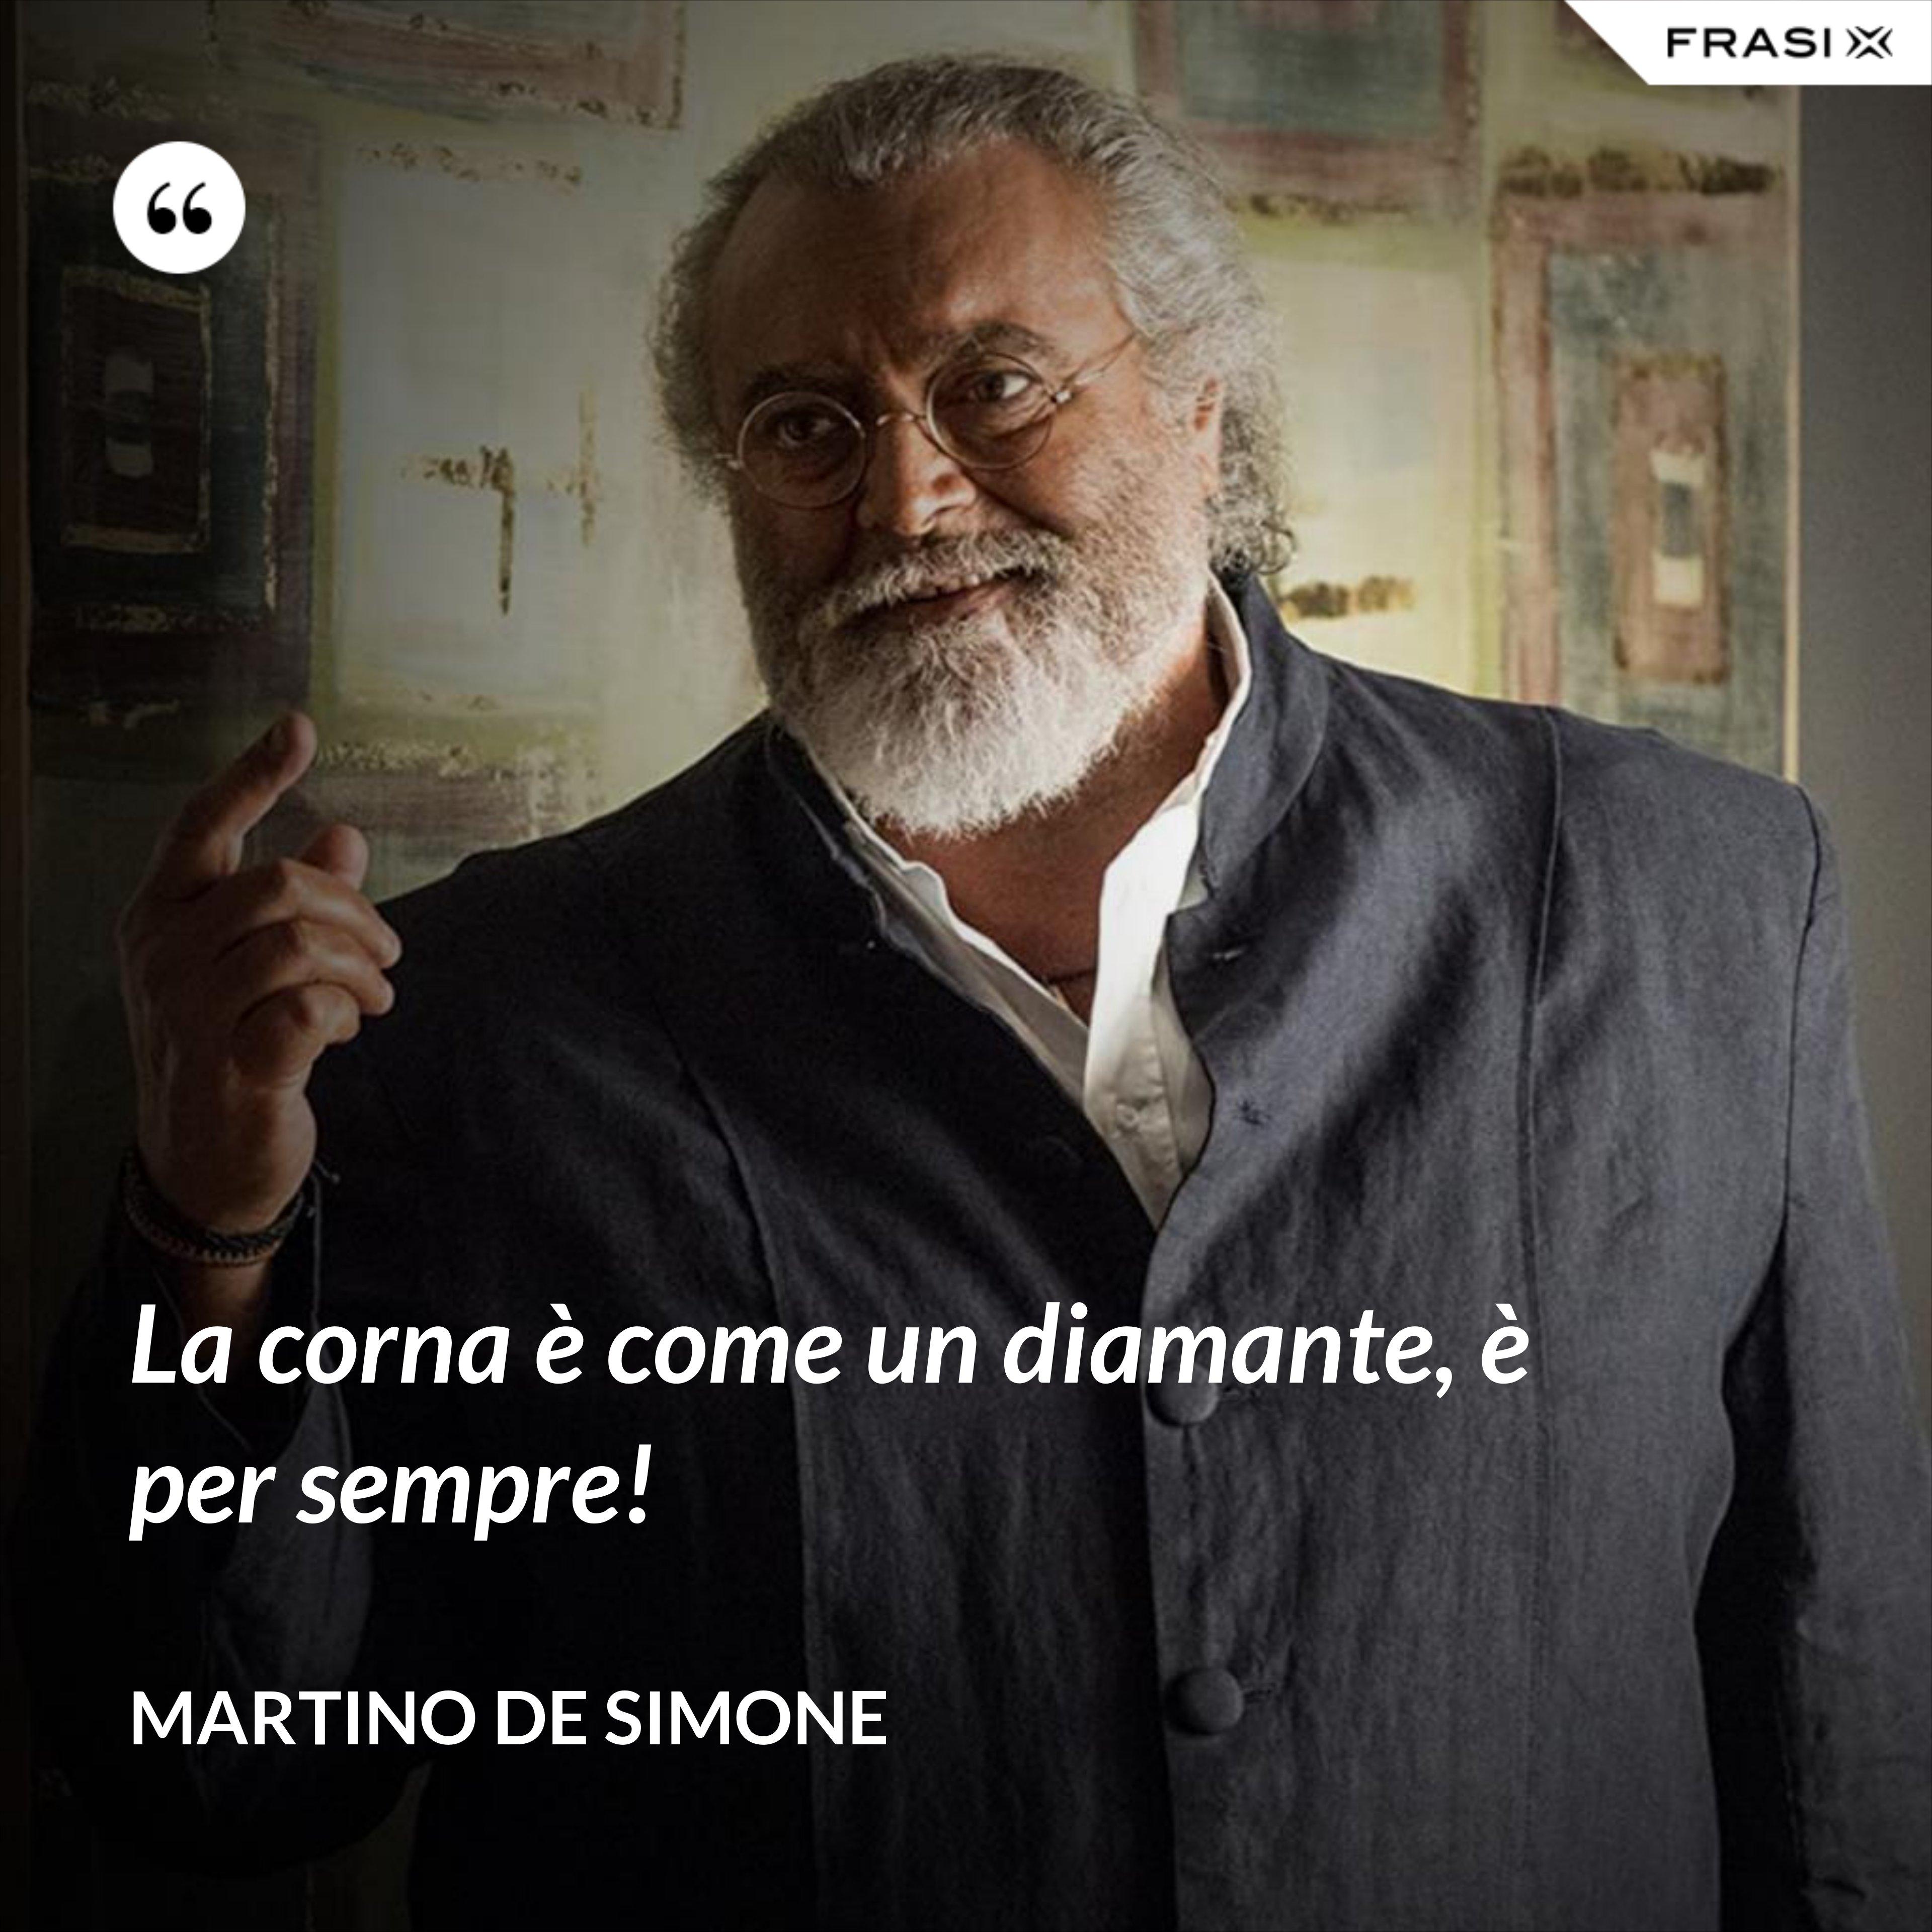 La corna è come un diamante, è per sempre! - Martino De Simone